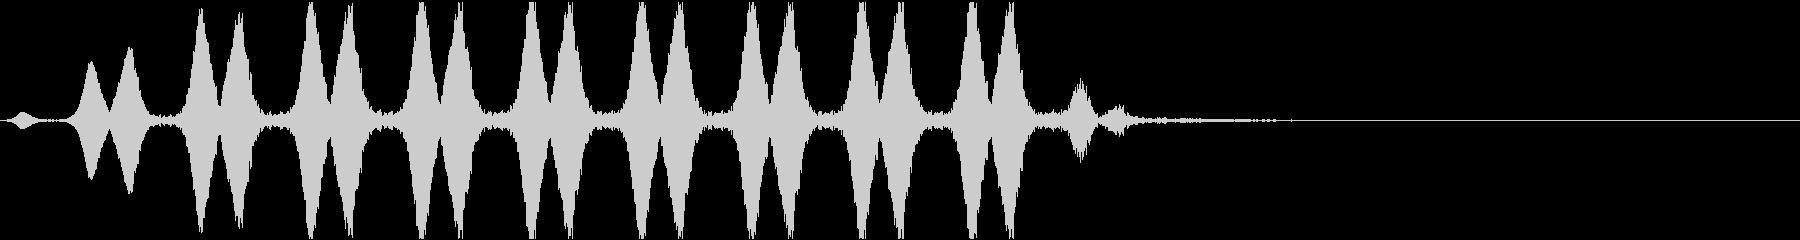 浮遊する効果音の未再生の波形